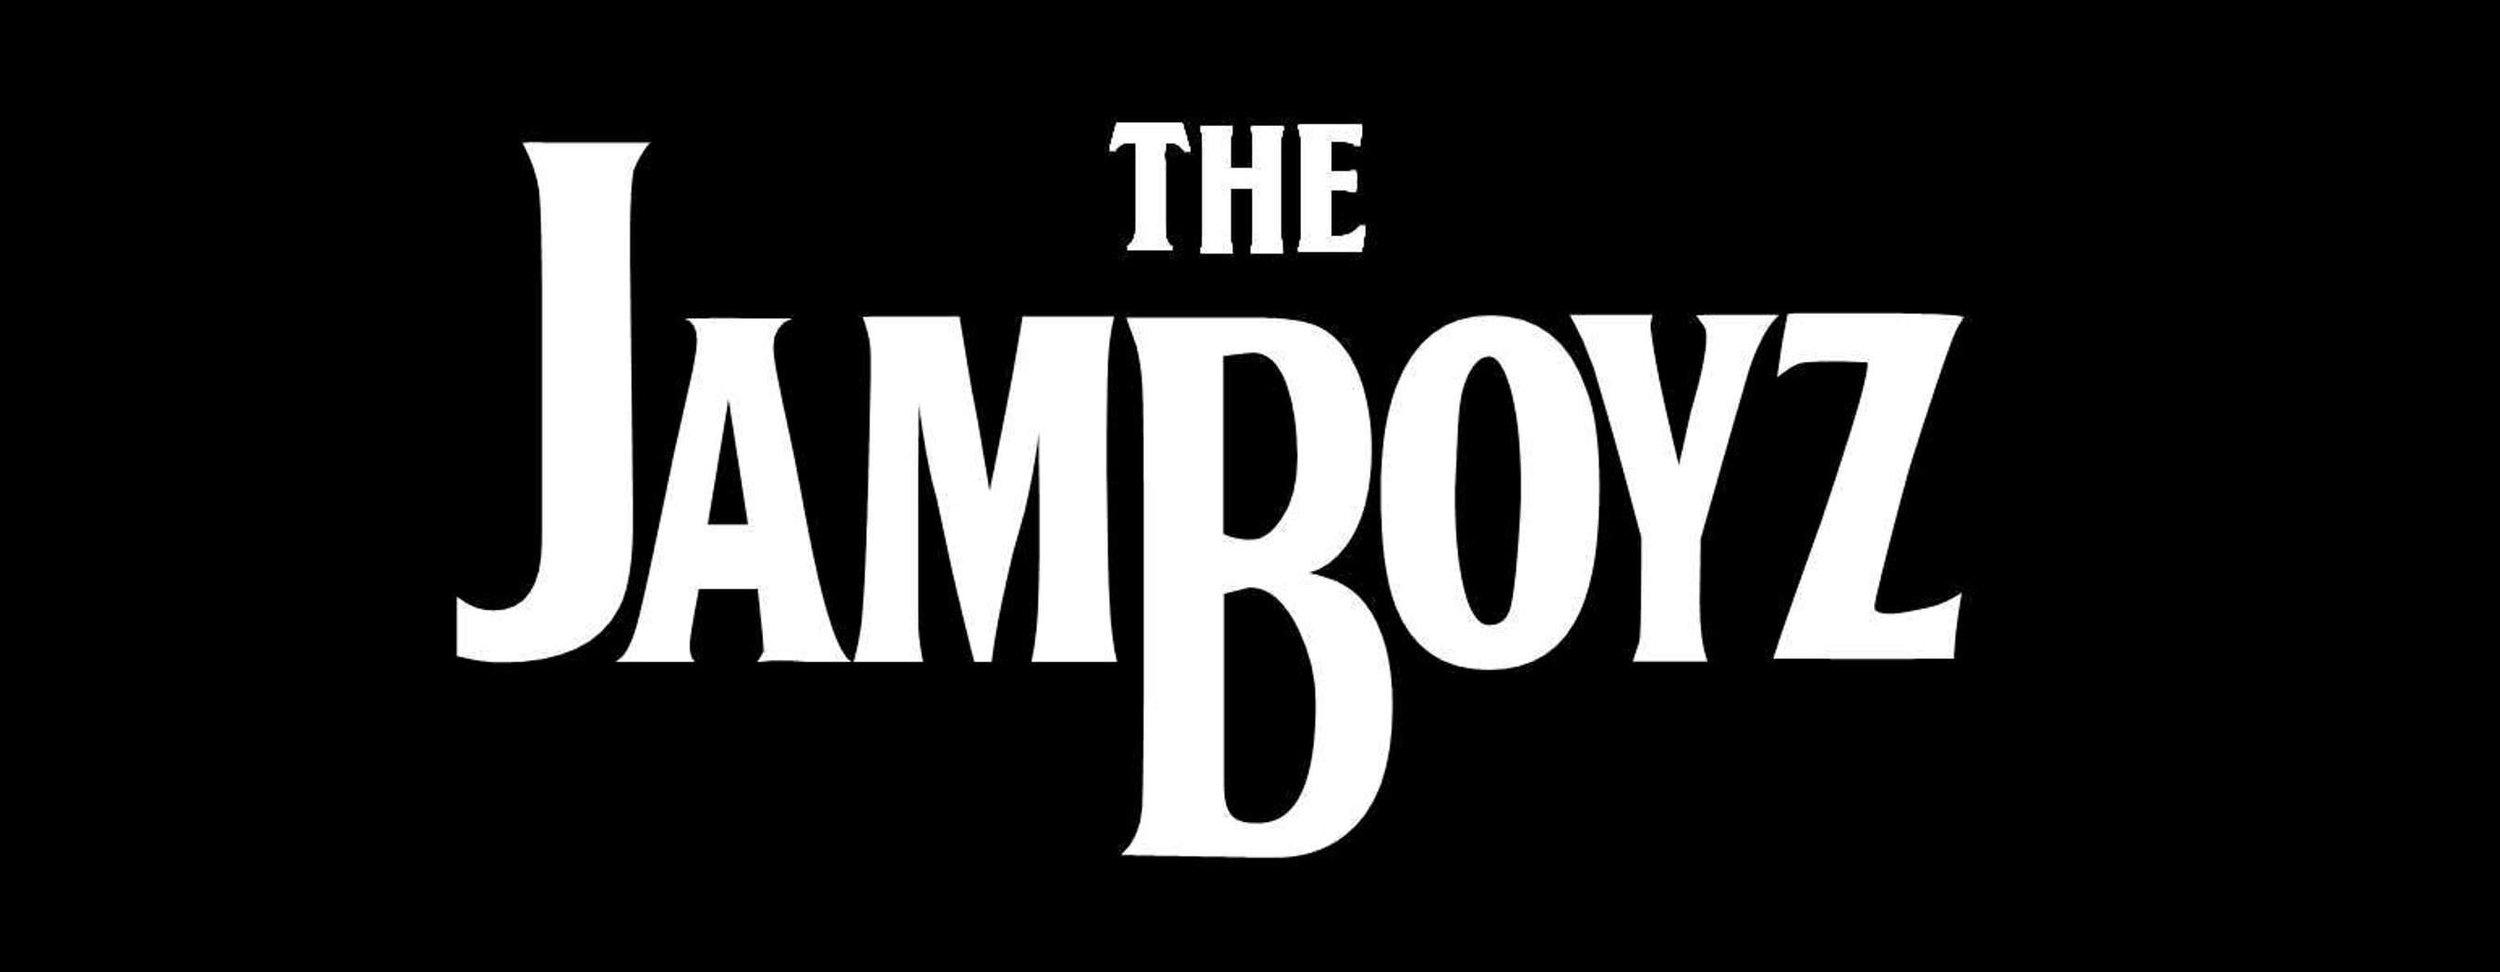 Live Music - JamBoyz